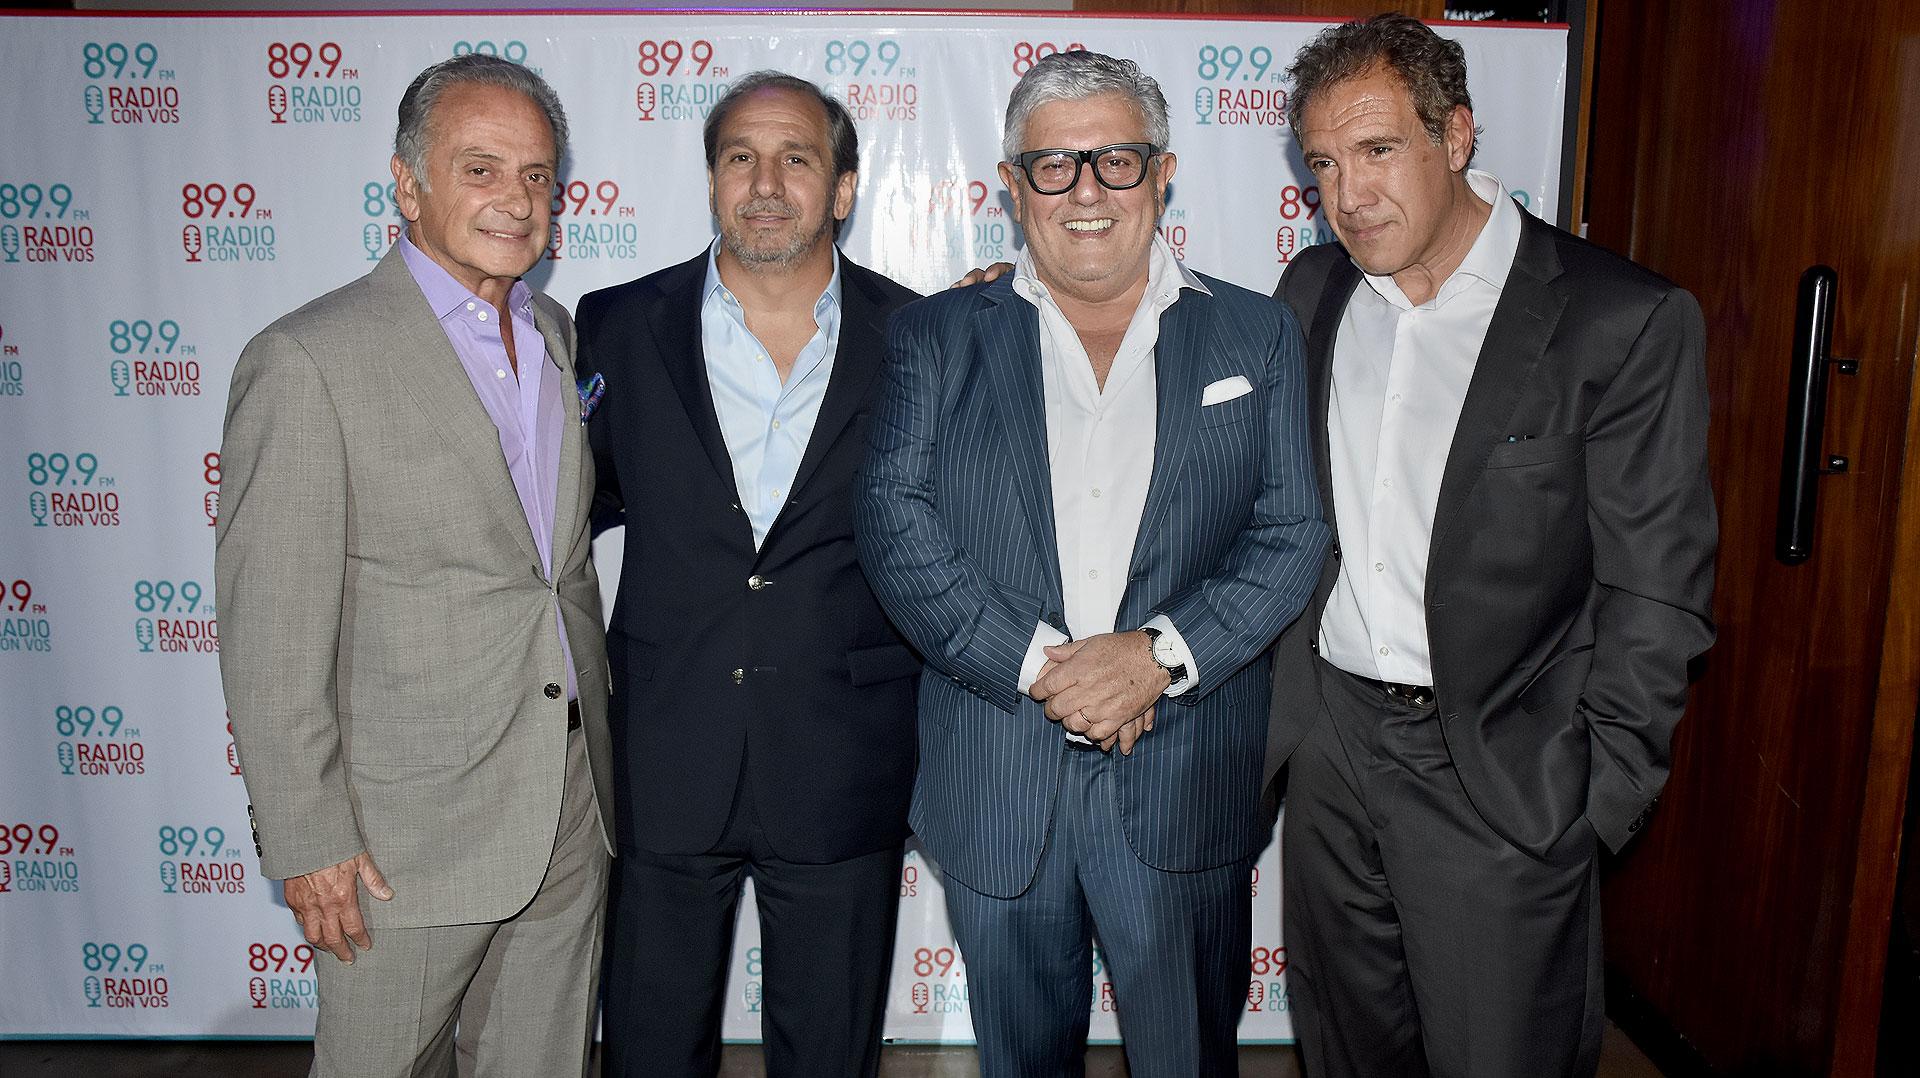 Beto Vijnovsky, Nicolás Caputo, Carlos Gorosito y Daniel Hadad